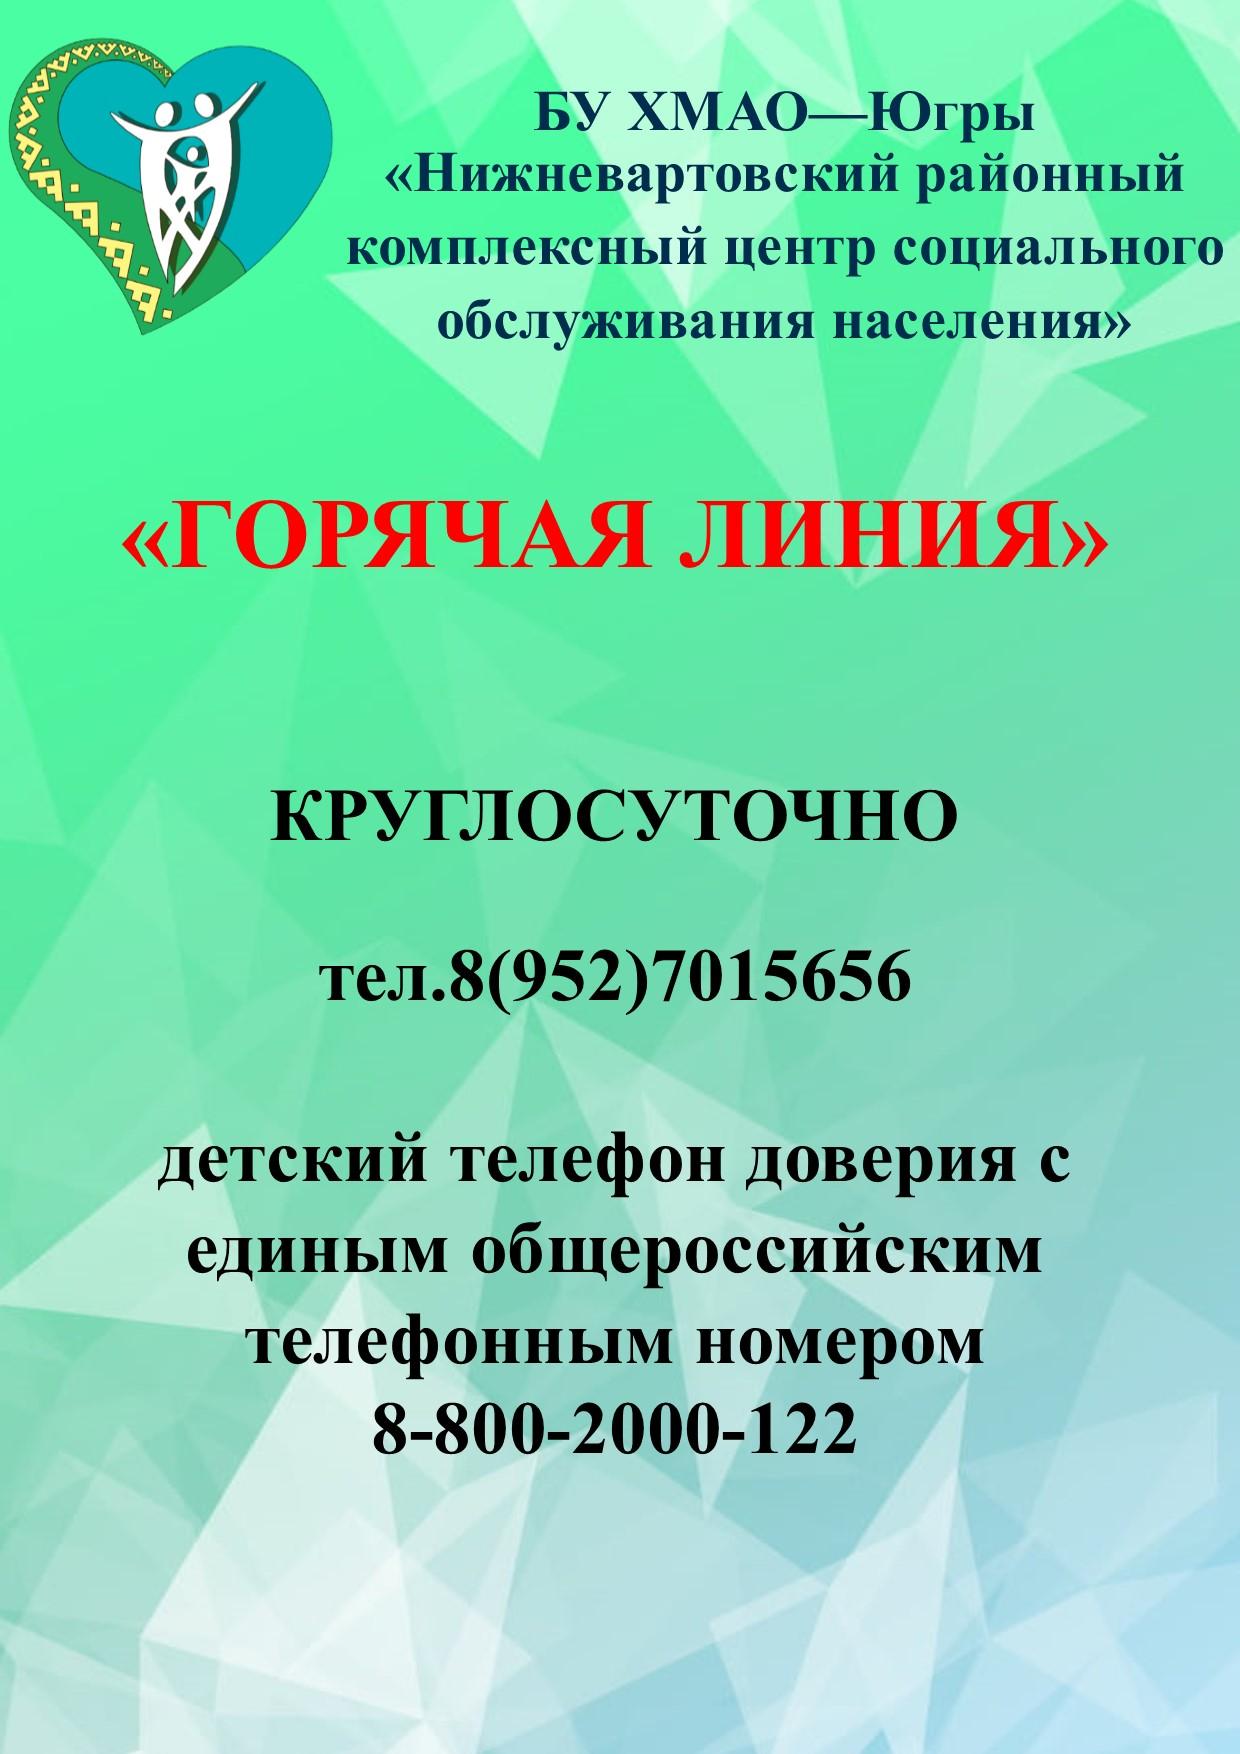 """""""Горячая линия"""" + детский телефон доверия"""